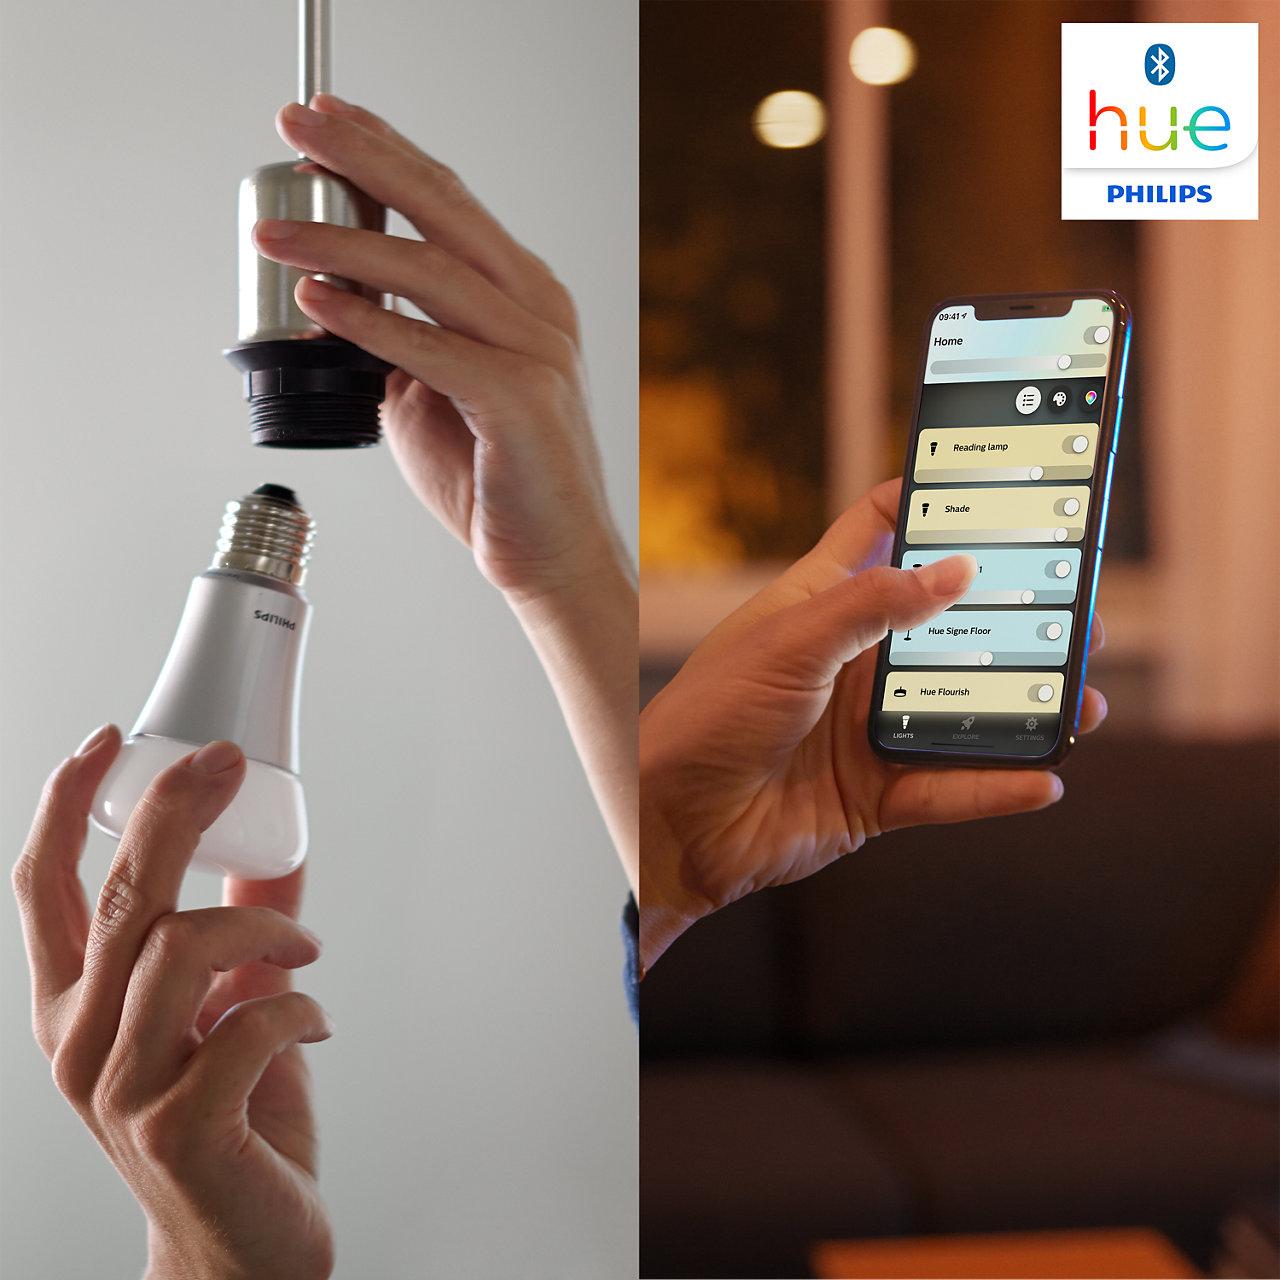 Philips hue ใช้งานง่าย ตั้งค่าผ่าน Application